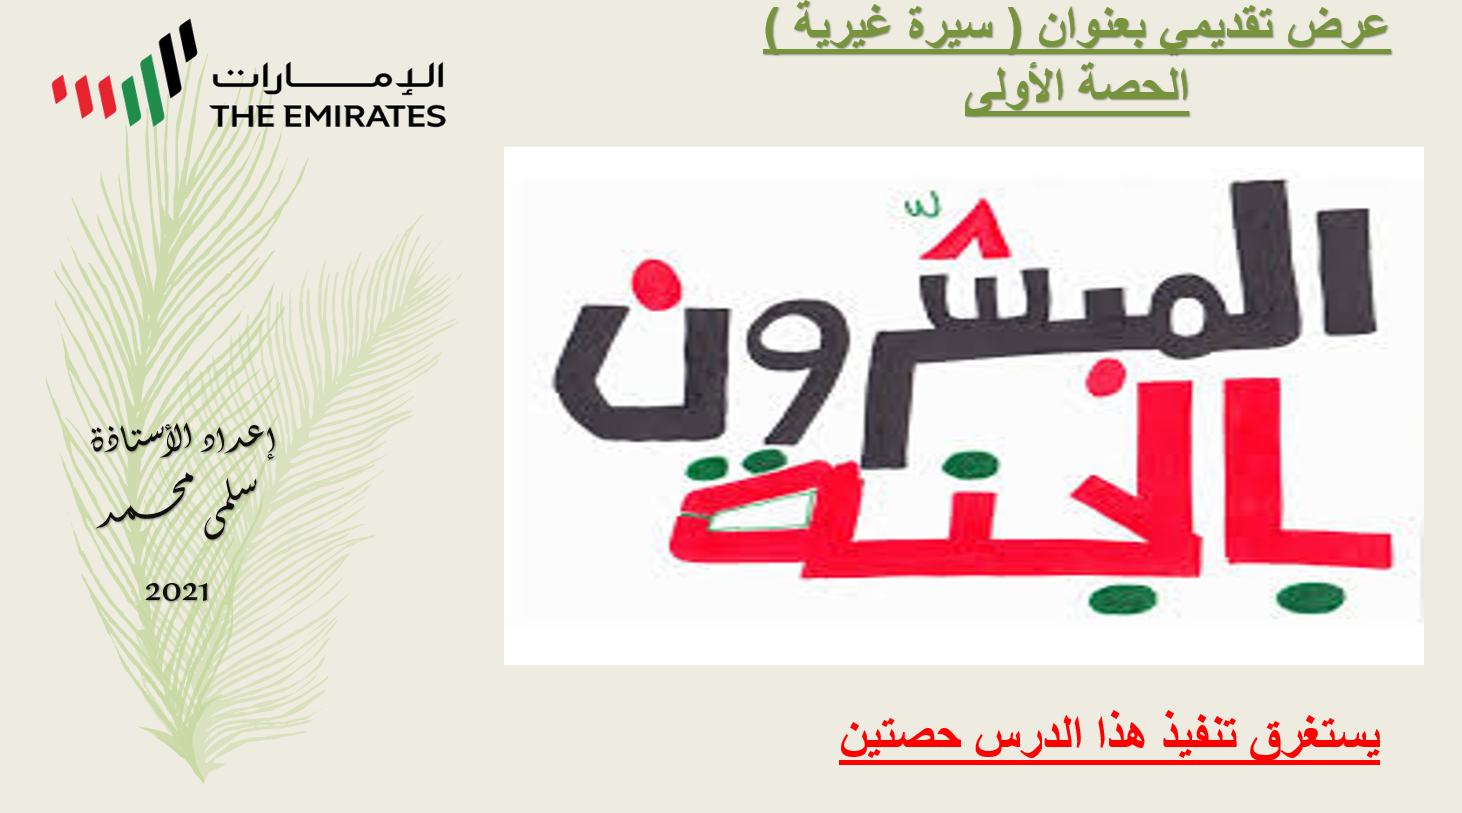 بوربوينت سيرة غيرية المبشرون بالجنة للصف السادس مادة اللغة العربية Calm Artwork Keep Calm Artwork Novelty Sign